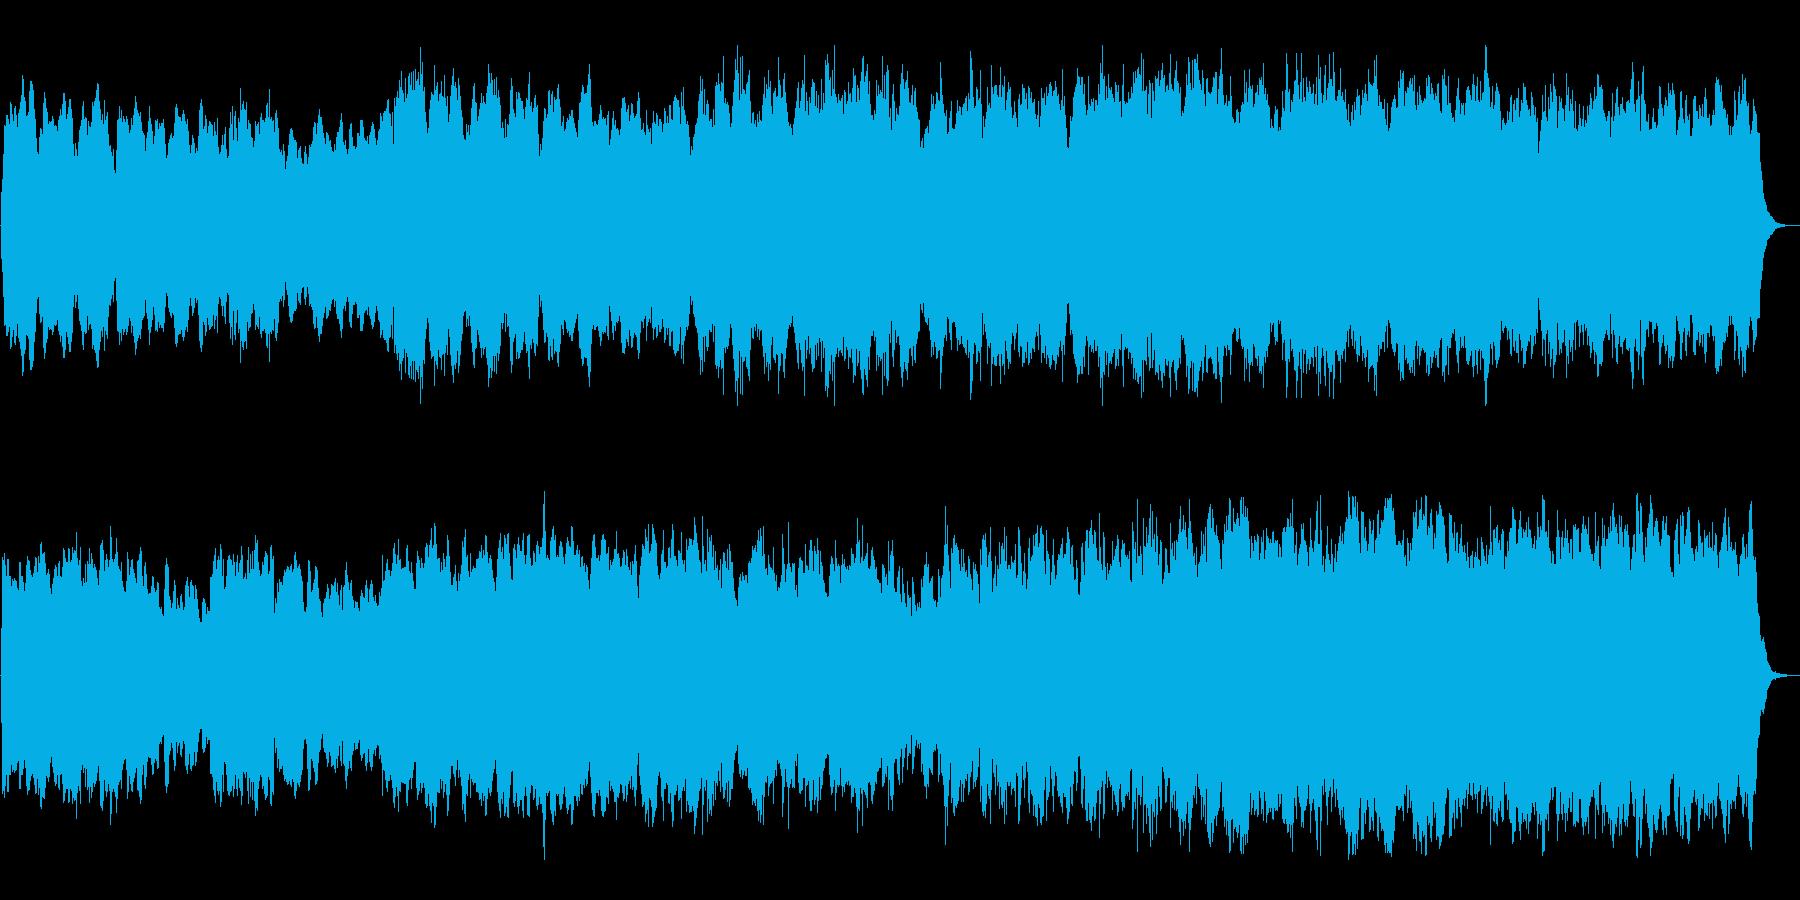 神々しさを感じるパイプオルガン曲の再生済みの波形